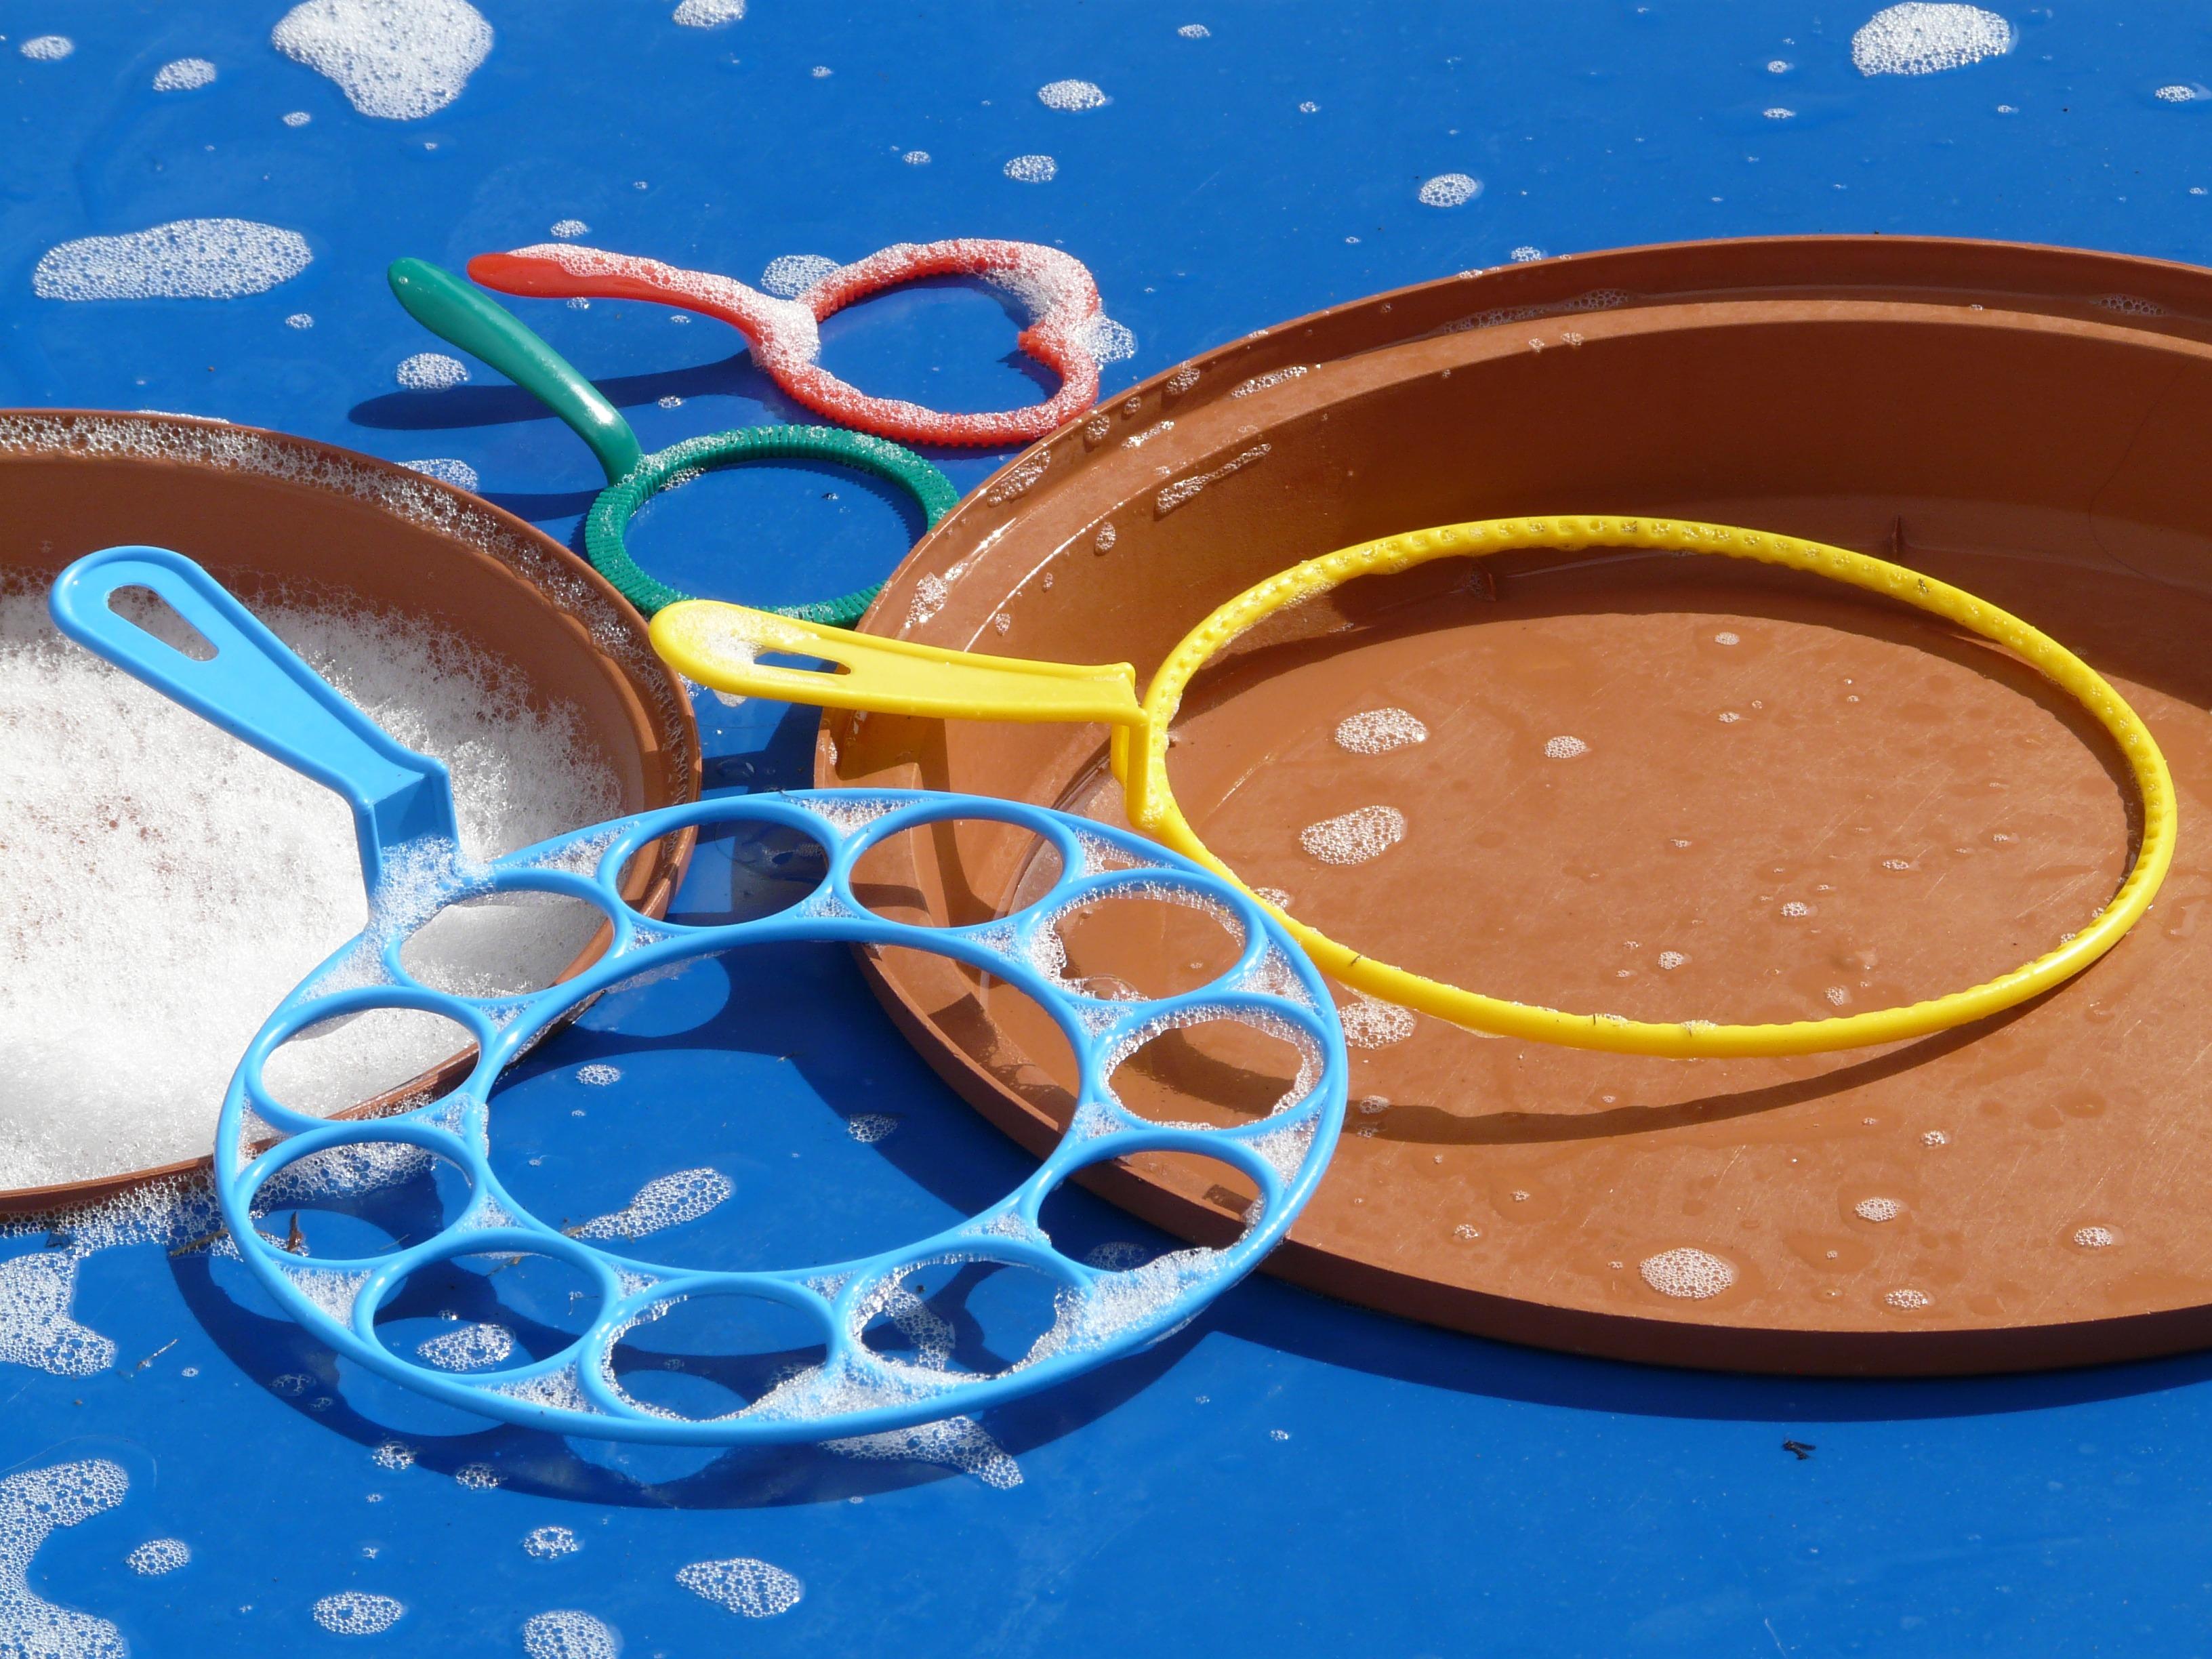 kostenlose foto : spielen, werkzeug, lebensmittel, instrument, kreis